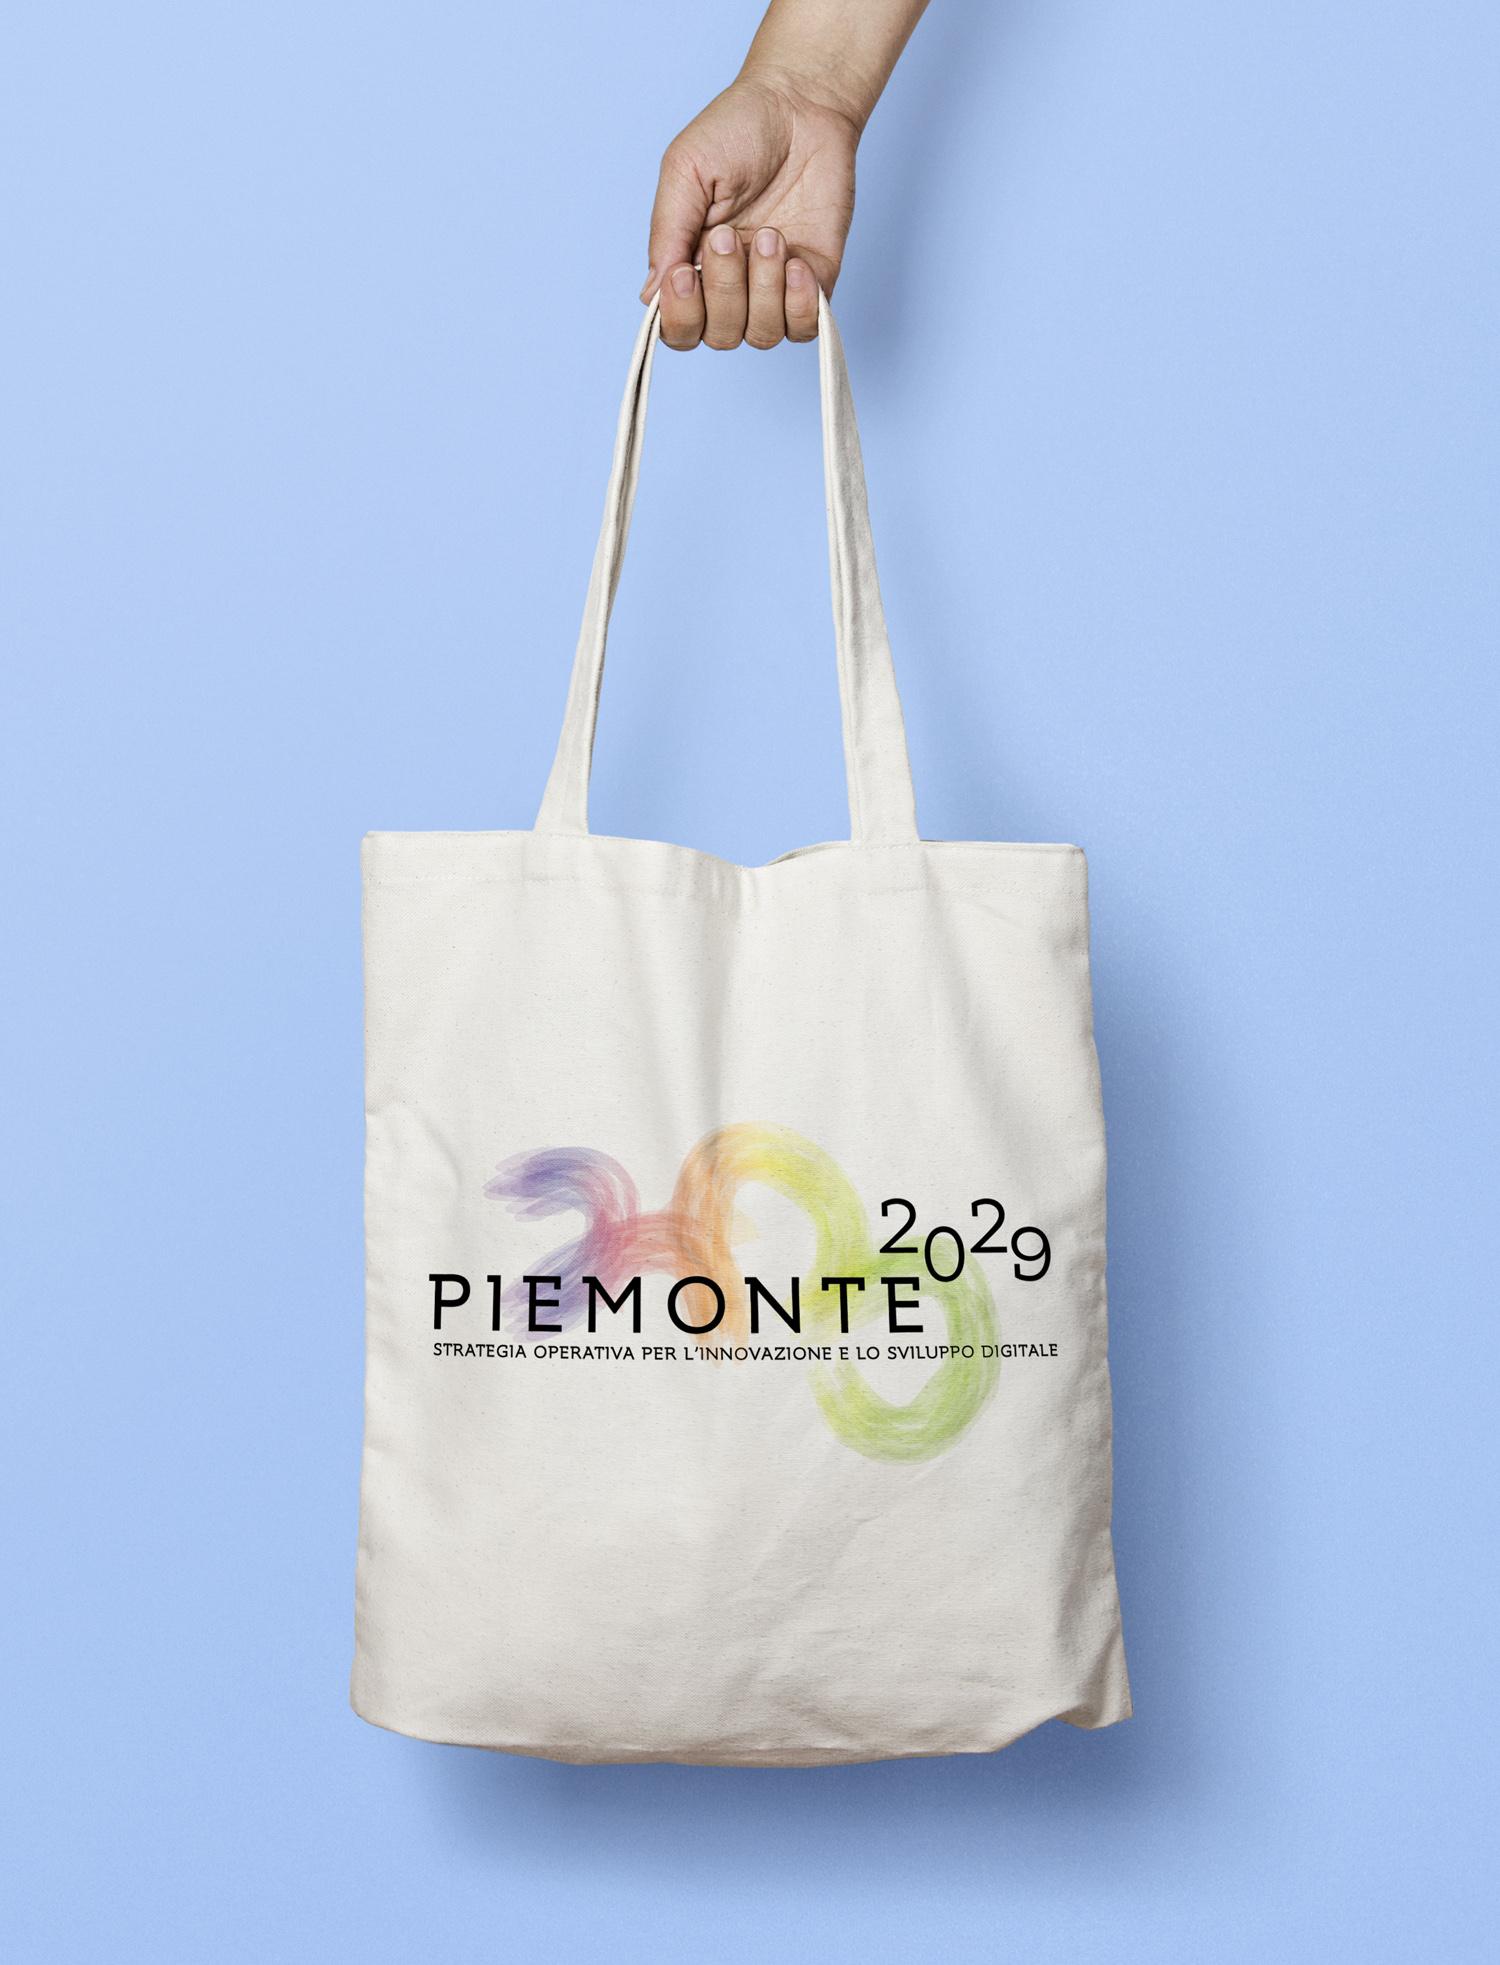 frigorosso_piemonte2029_bag